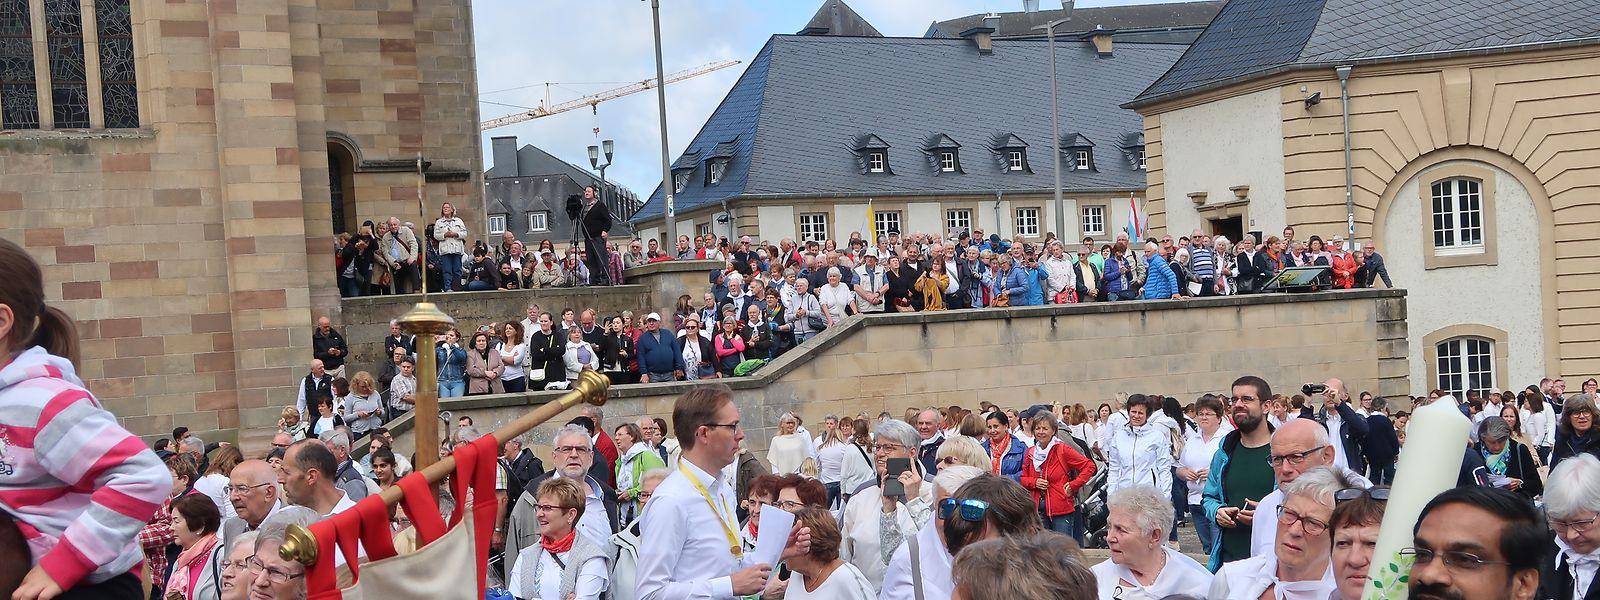 Tausende Pilger versammelten sich im Abteihof, um durch die Altstadt zu ziehen.